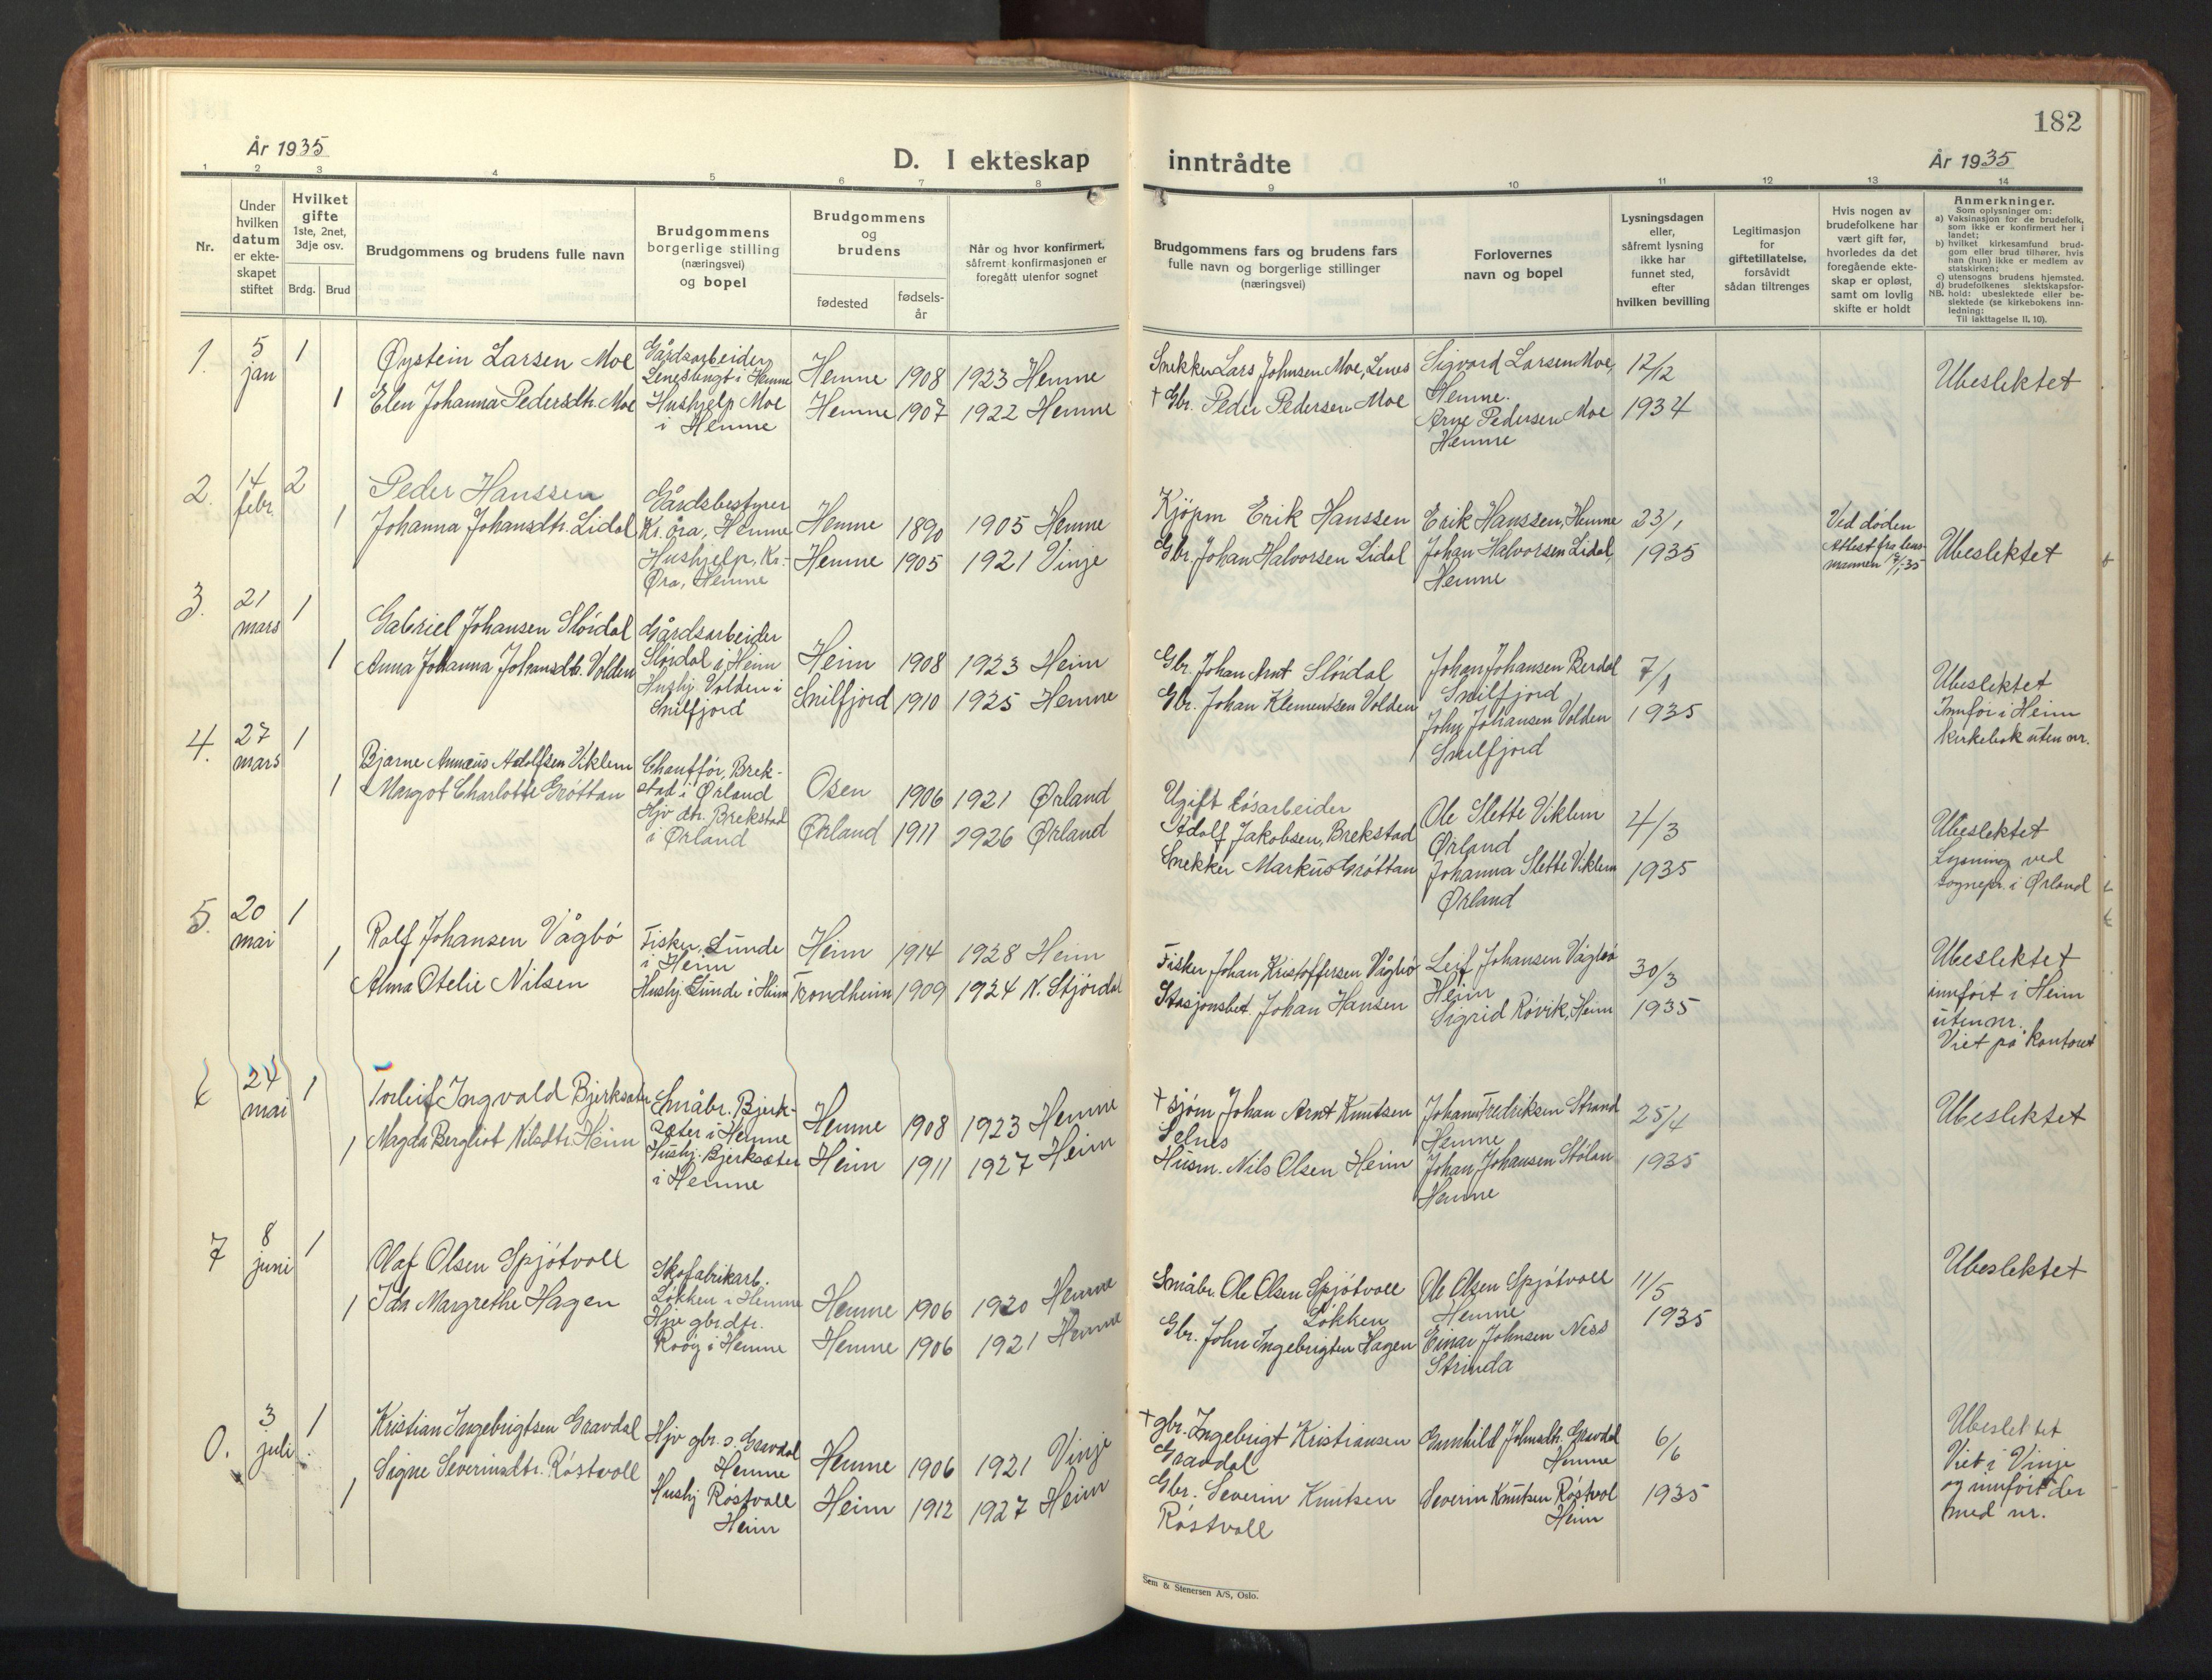 SAT, Ministerialprotokoller, klokkerbøker og fødselsregistre - Sør-Trøndelag, 630/L0508: Klokkerbok nr. 630C06, 1933-1950, s. 182